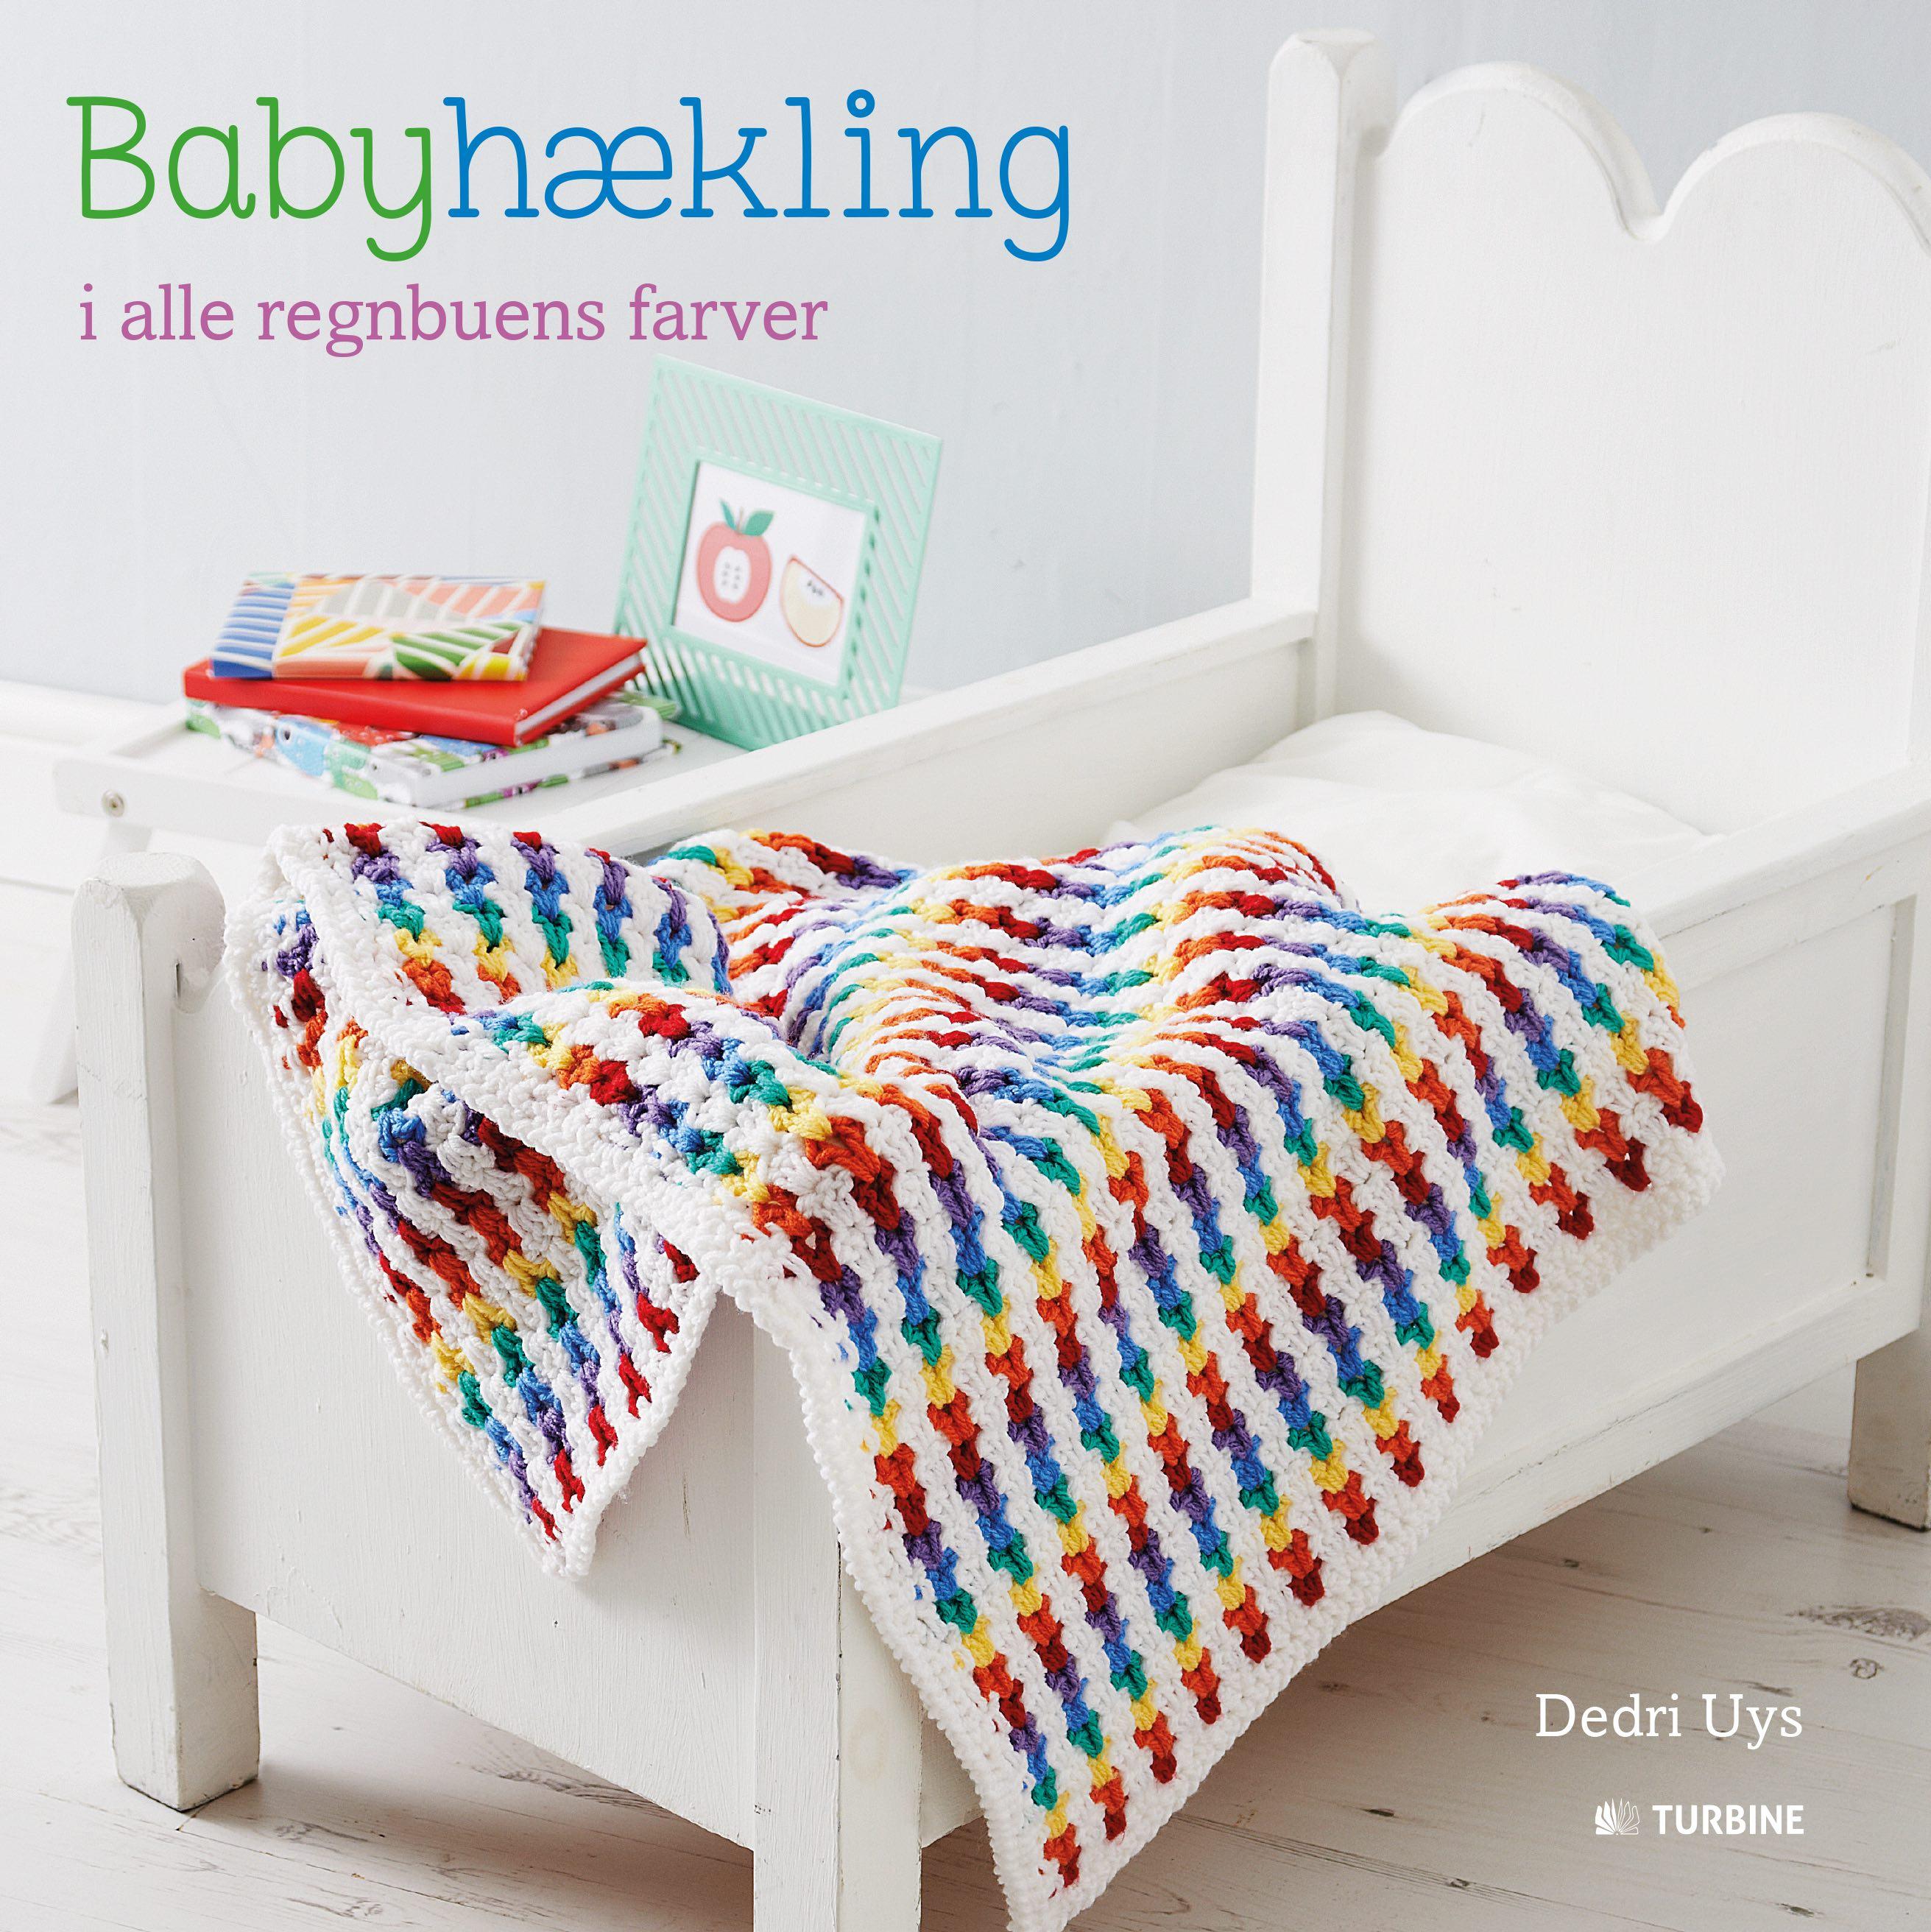 Babyhækling af Dedri Uys - 9788740615289